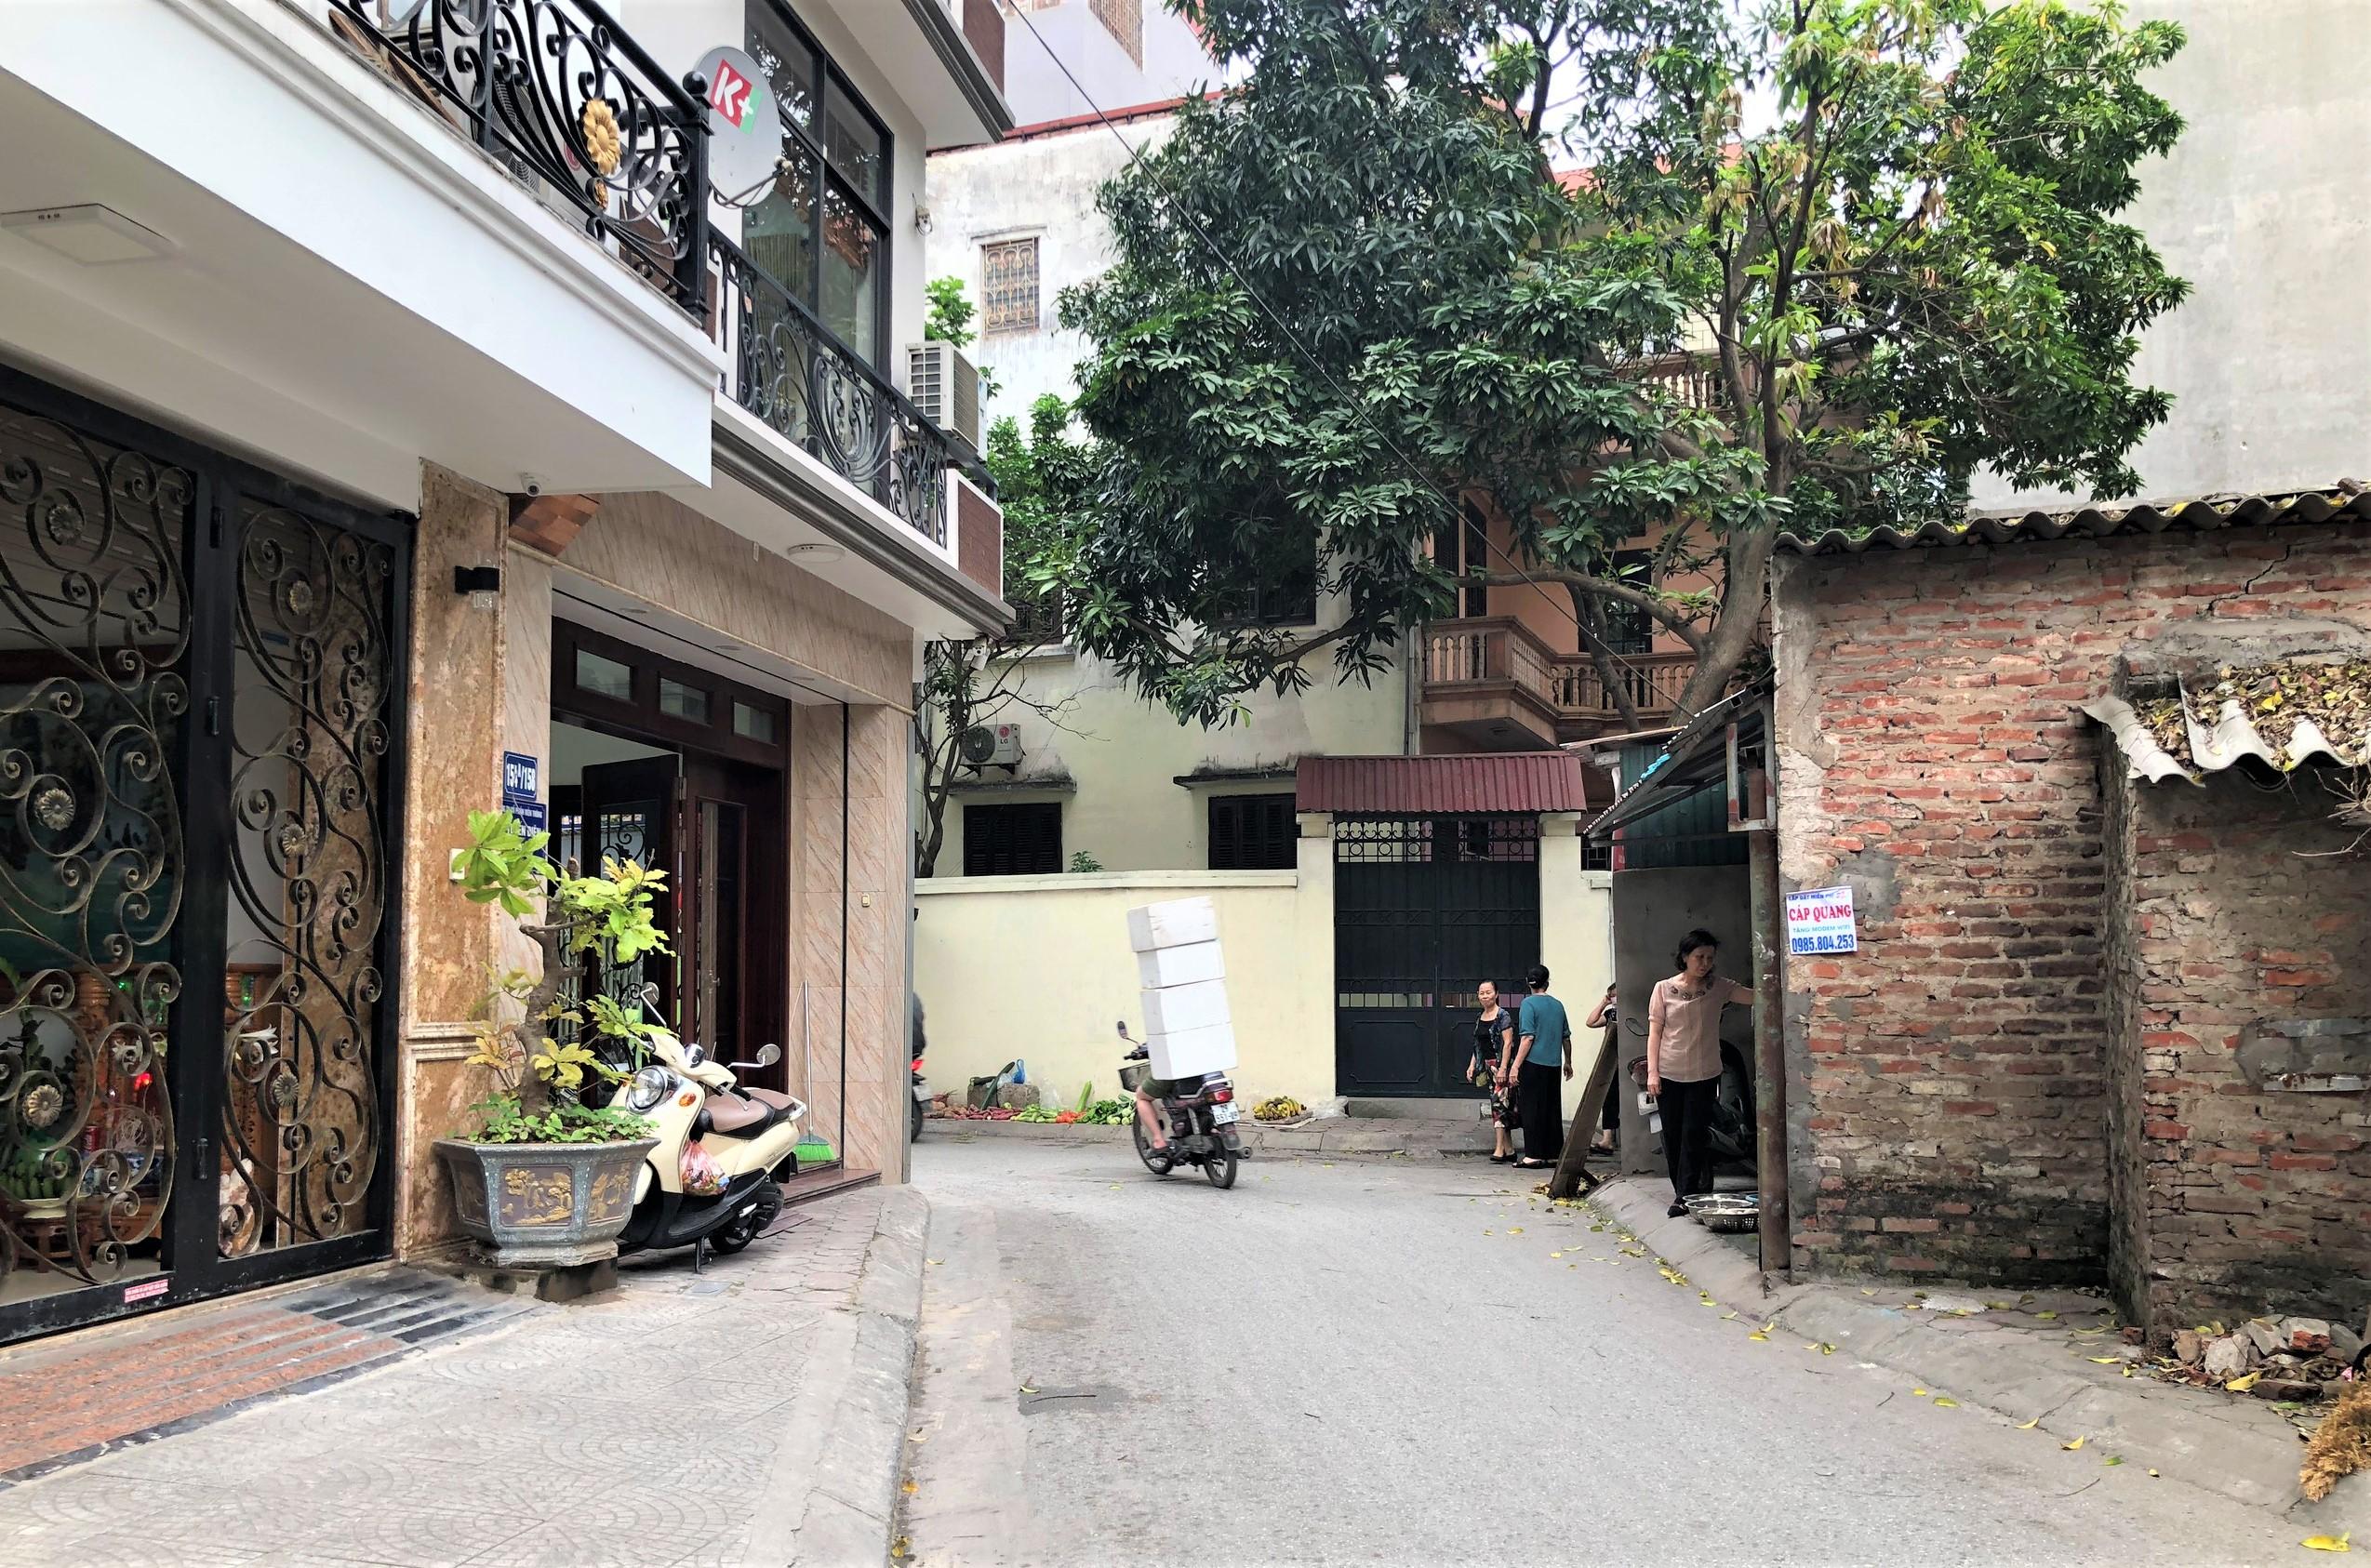 Đường sắp mở theo quy hoạch ở phường Ngọc Hà, Ba Đình, Hà Nội (phần 3): Hai đường nối ngõ Đội Cấn - phố Ngọc Hà  - Ảnh 7.